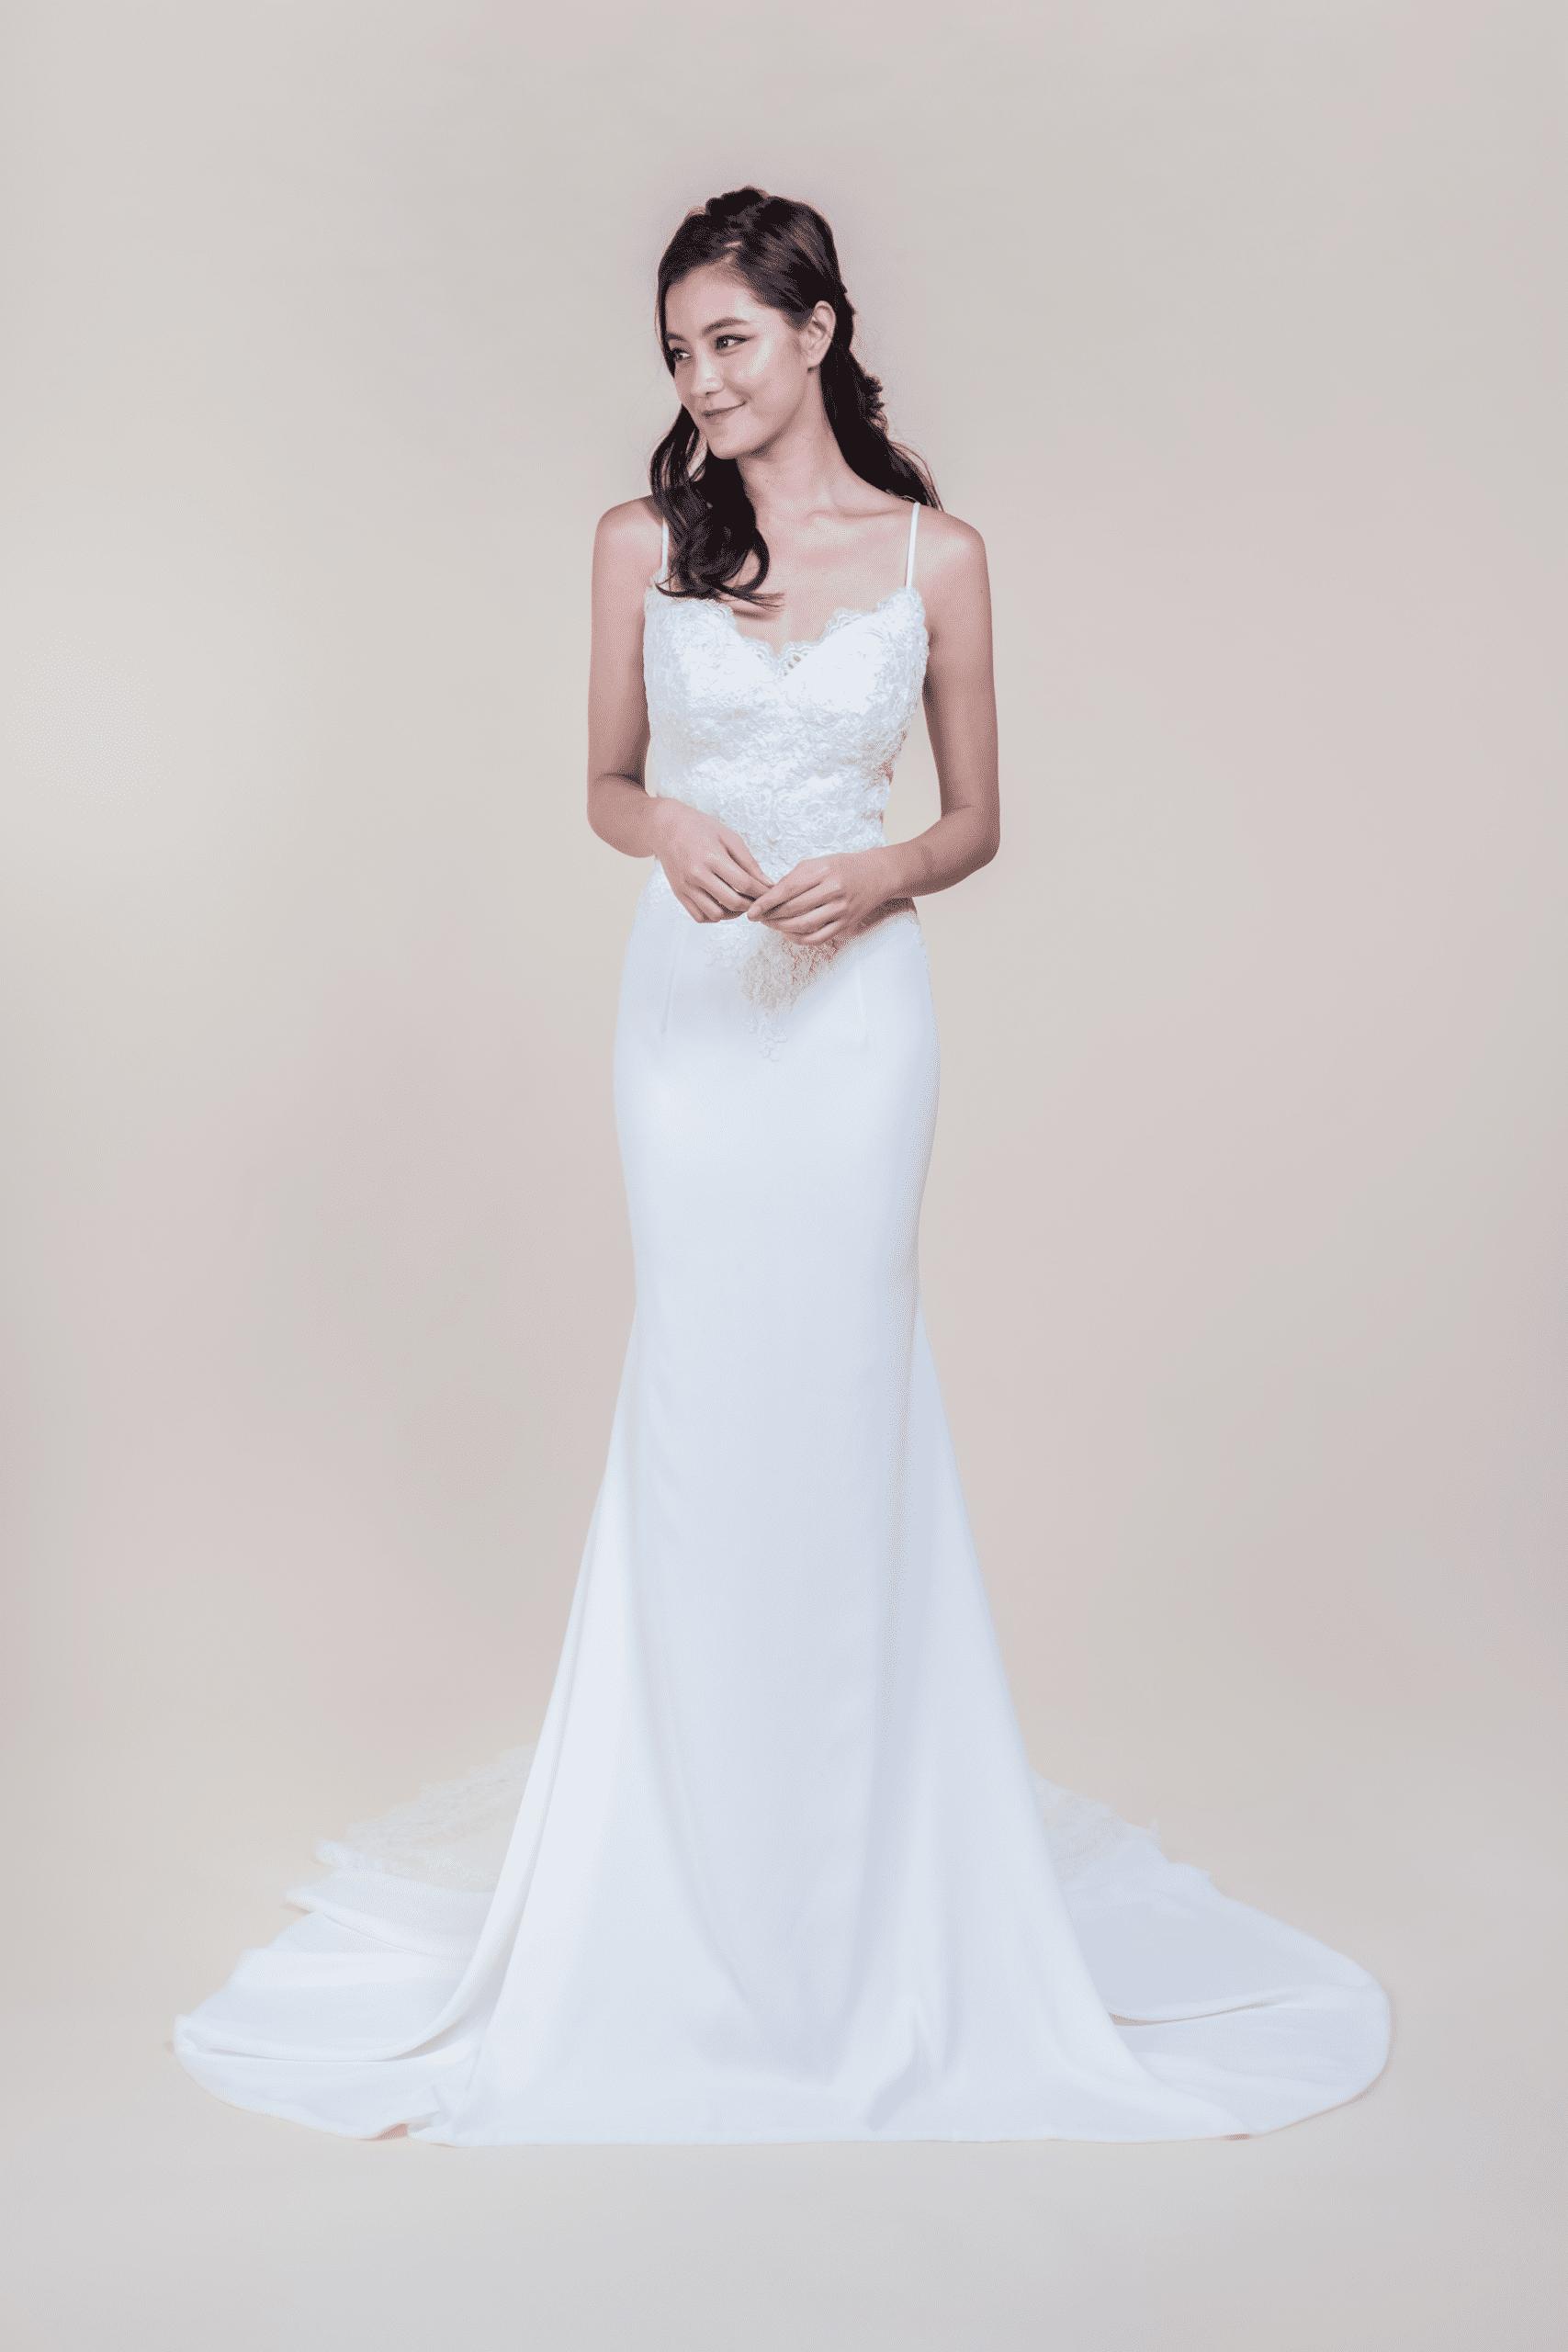 Beatrice-Minimalist-Wedding-Gown